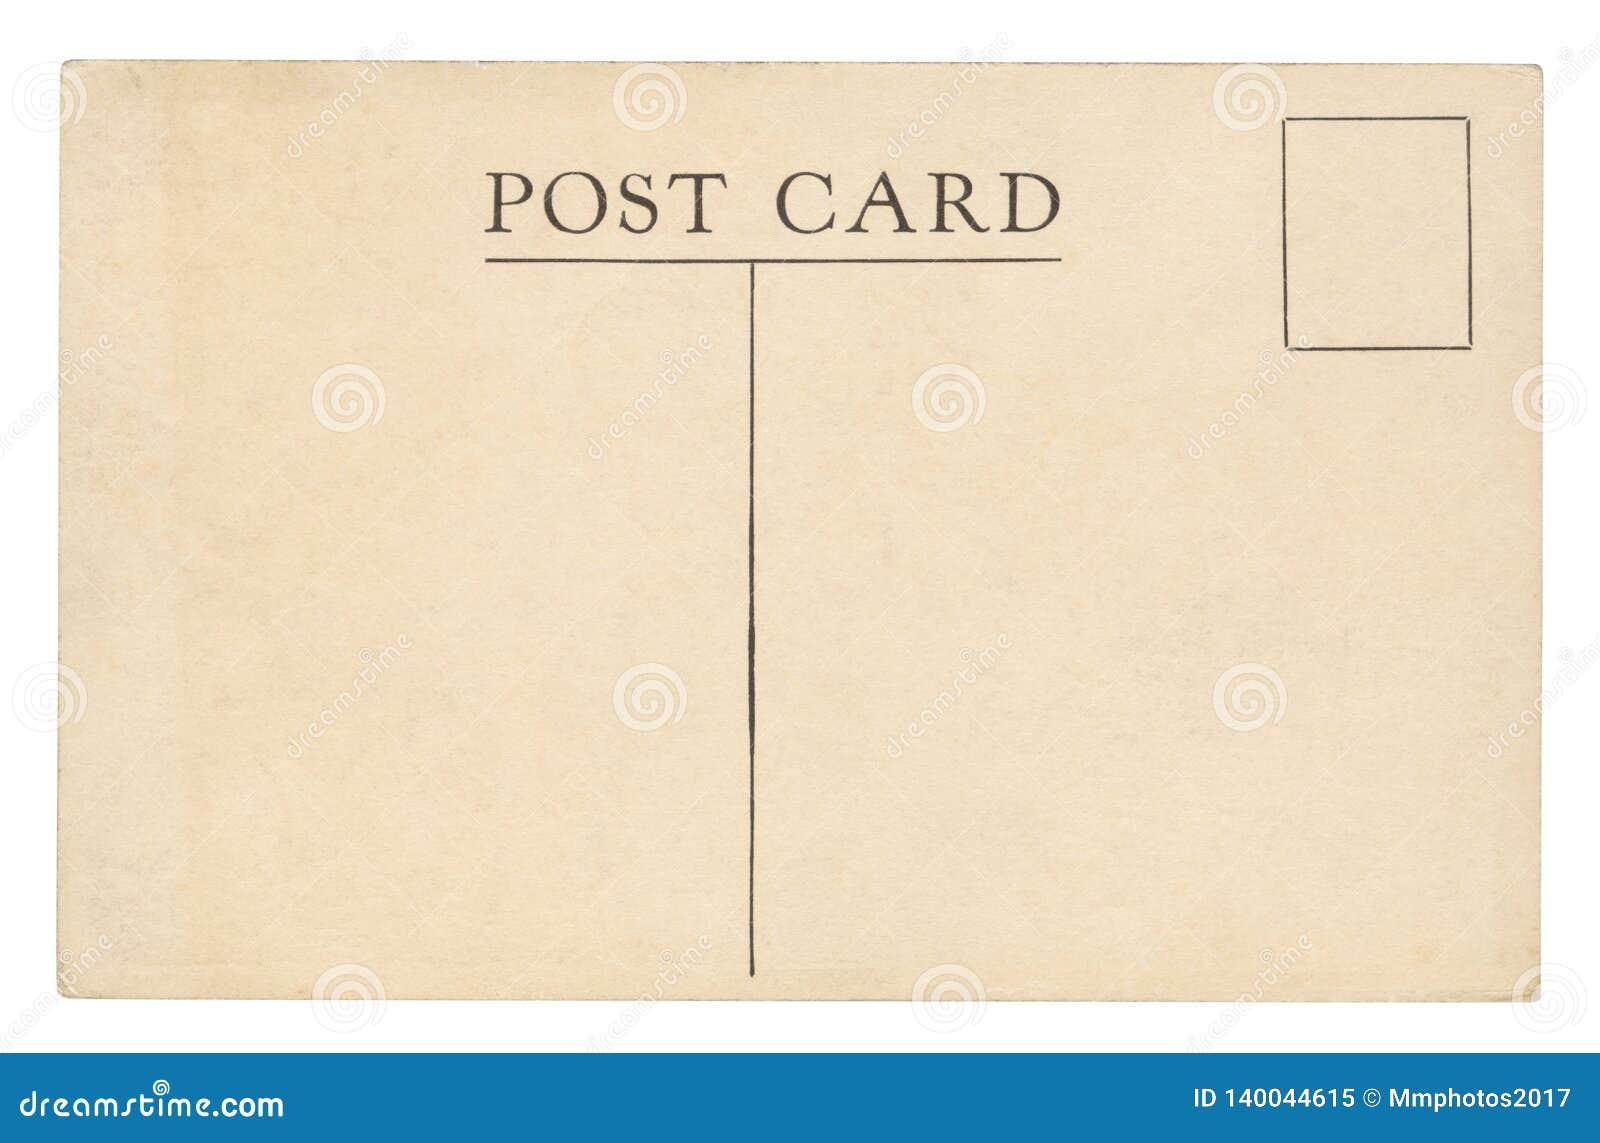 Vintage Postcard - isolated